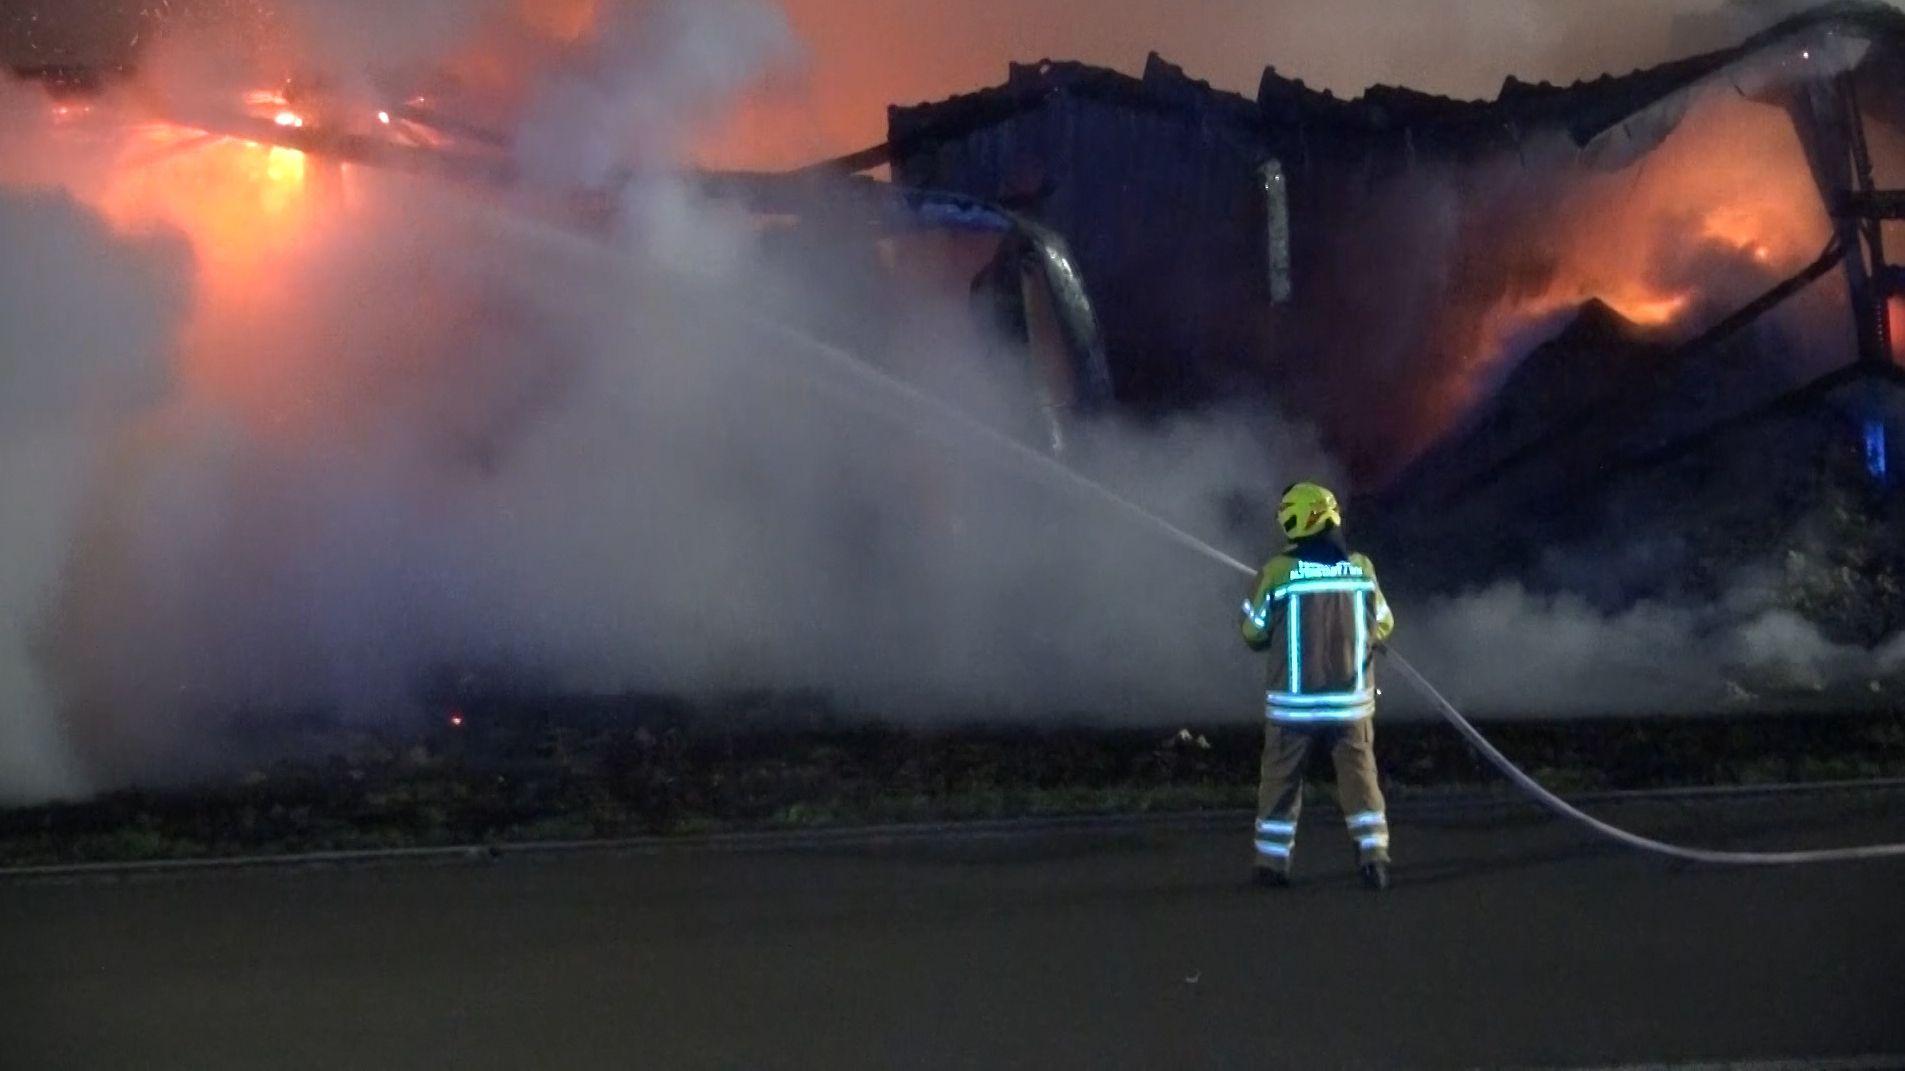 Die Feuerwehr musste in Parkstein eine Lagerhalle löschen. Es entstand eine massive Hitze- und Rauchentwicklung.